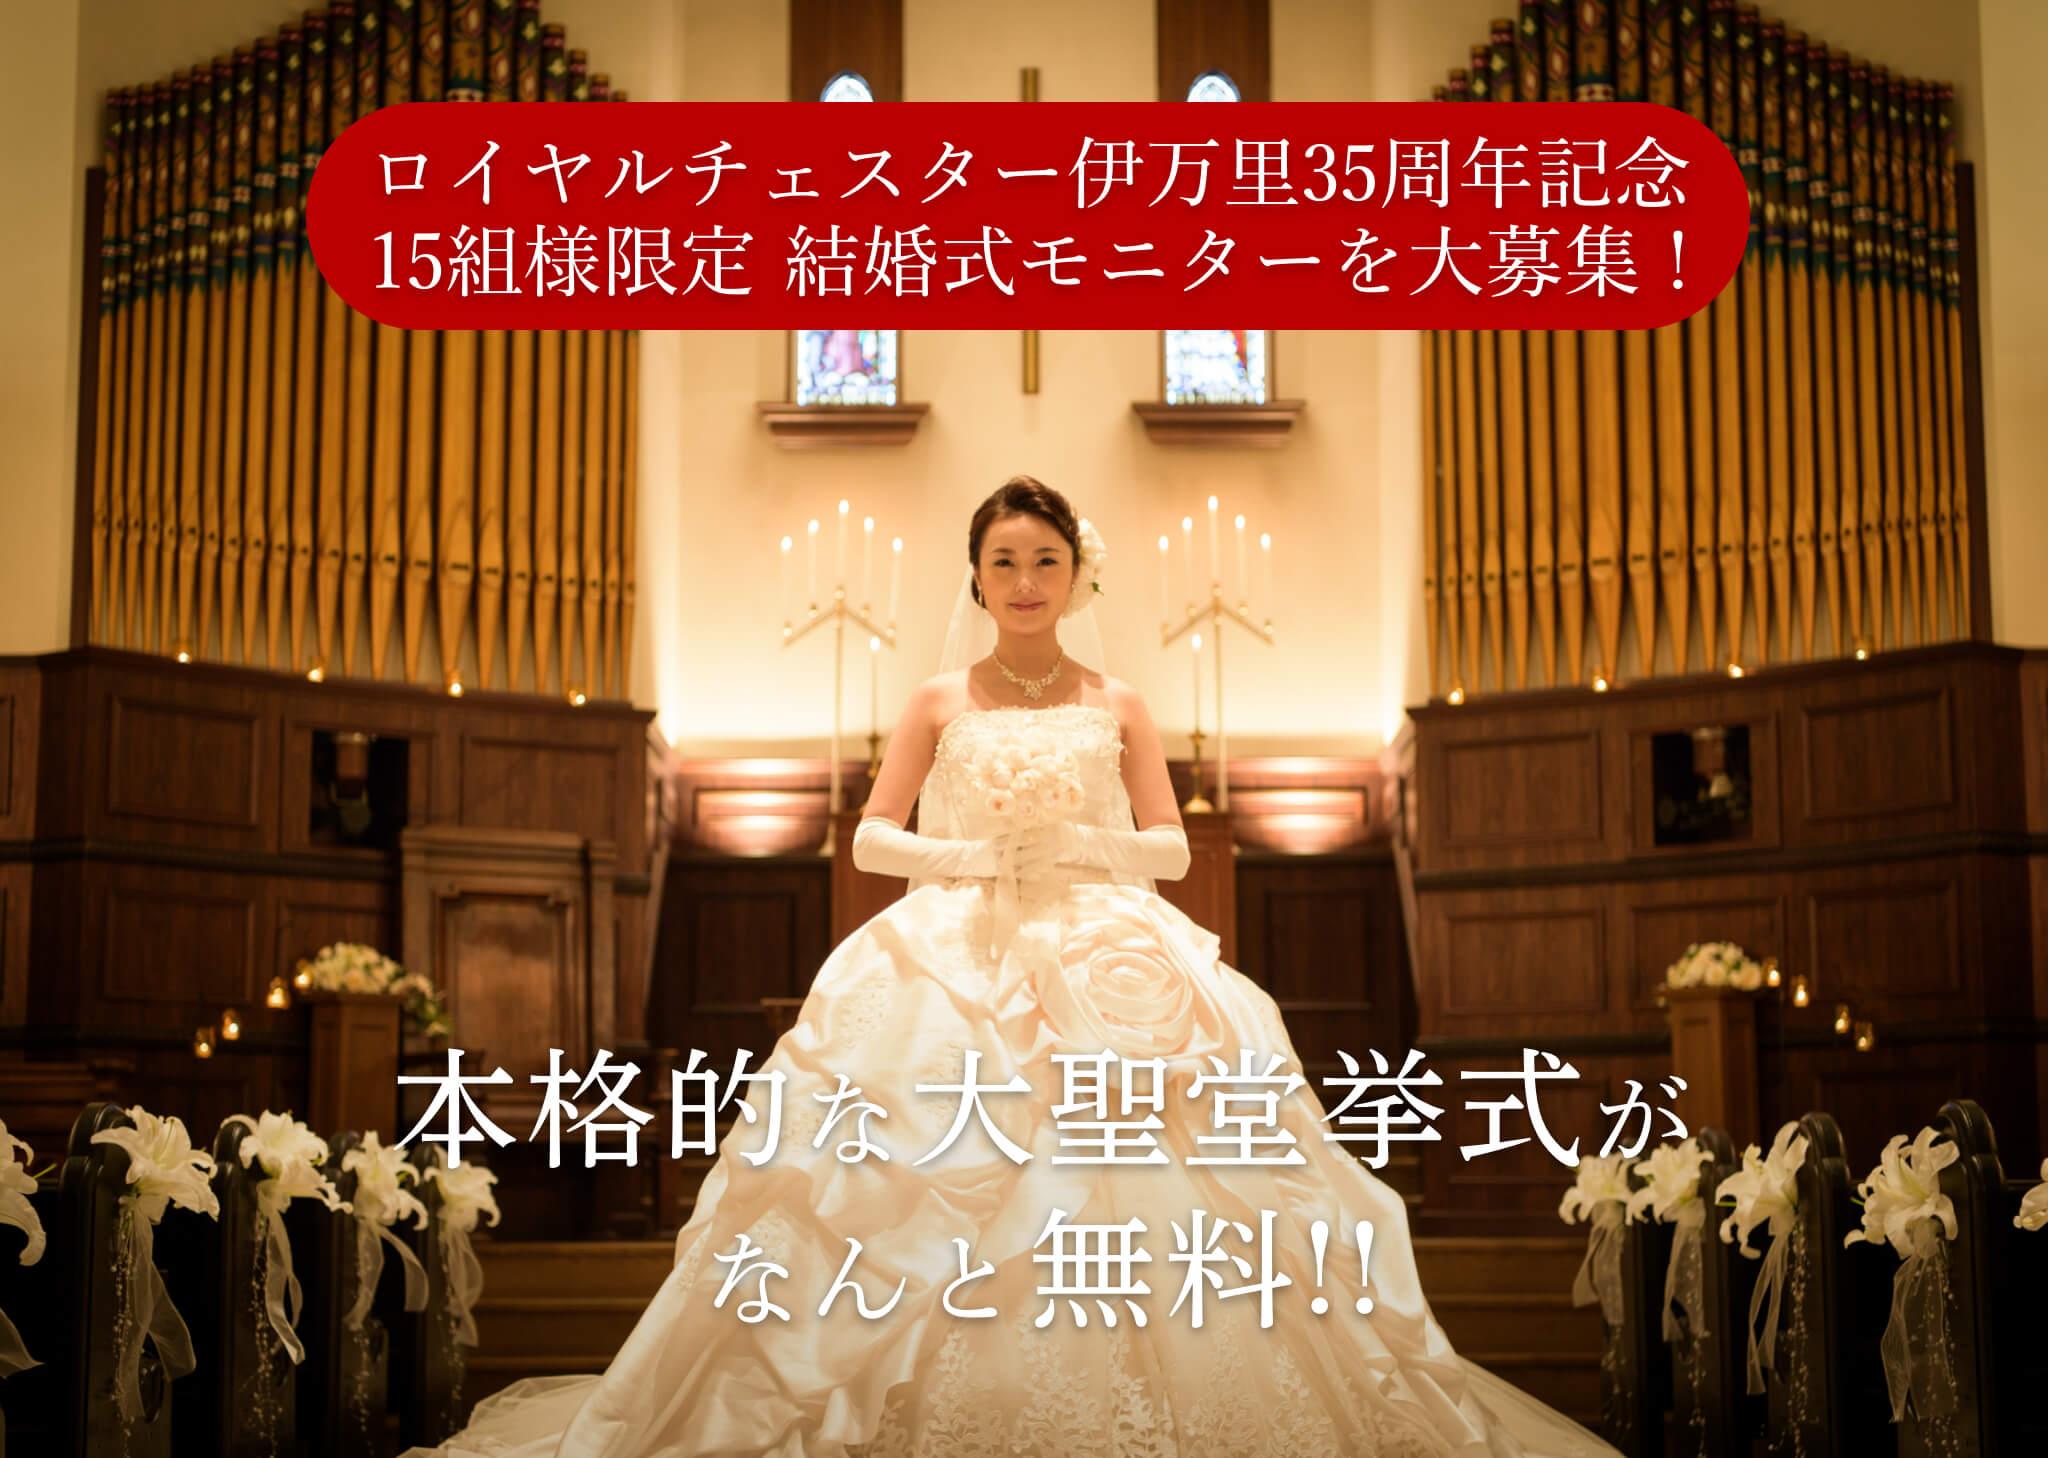 ロイヤルチェスター伊万里・ホワイトハウス伊万里結婚式プレゼント